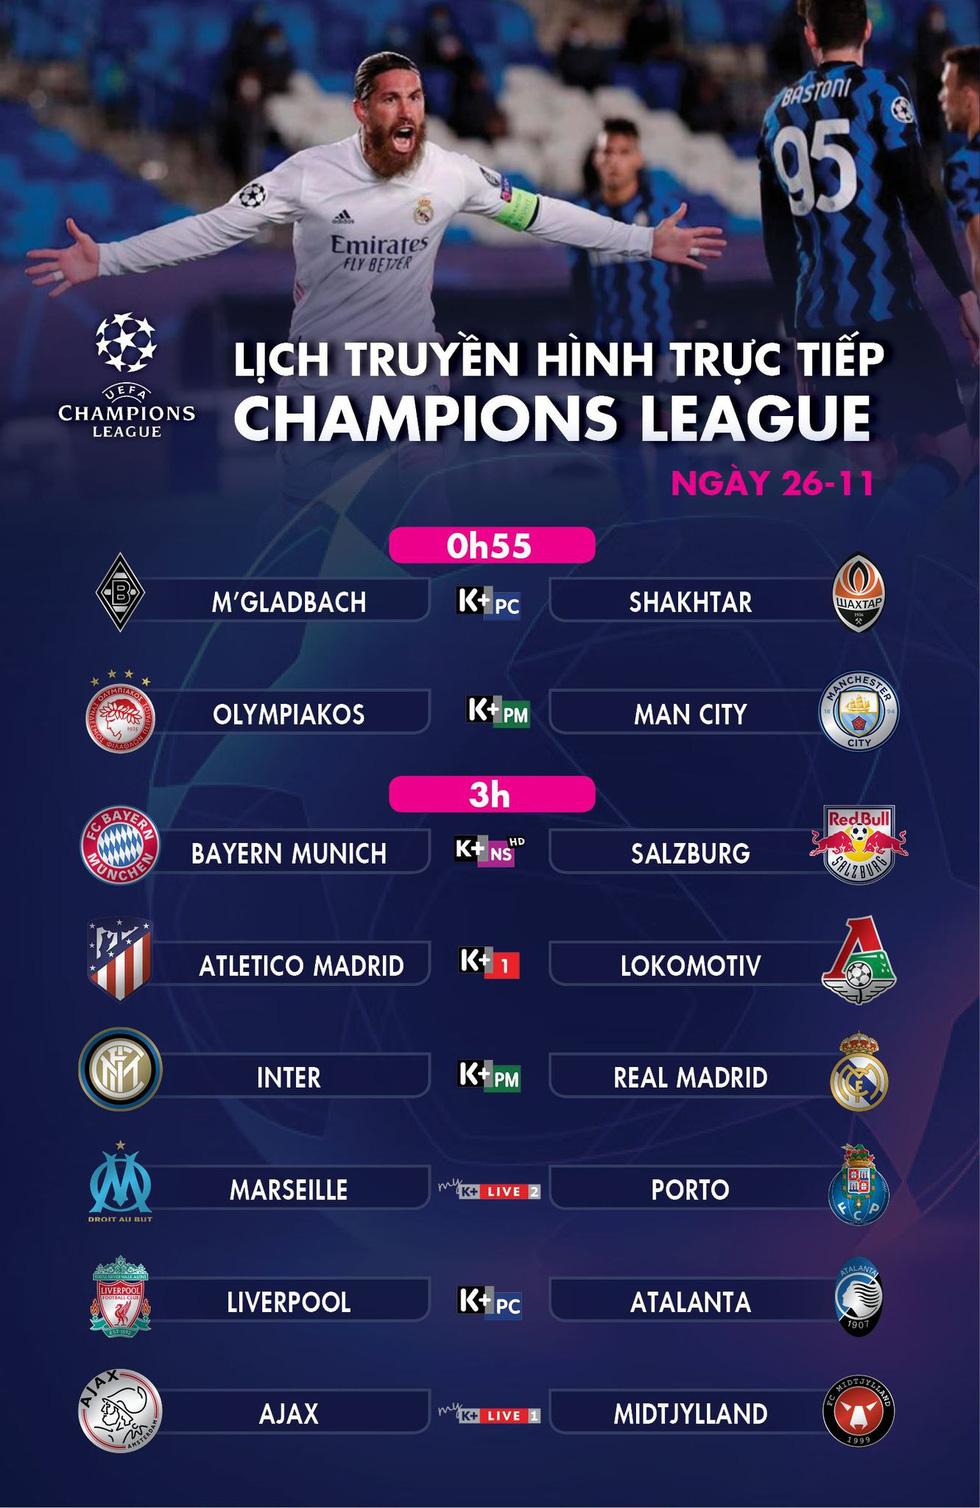 Lịch trực tiếp Champions League: Inter đụng độ Real Madrid - Ảnh 1.